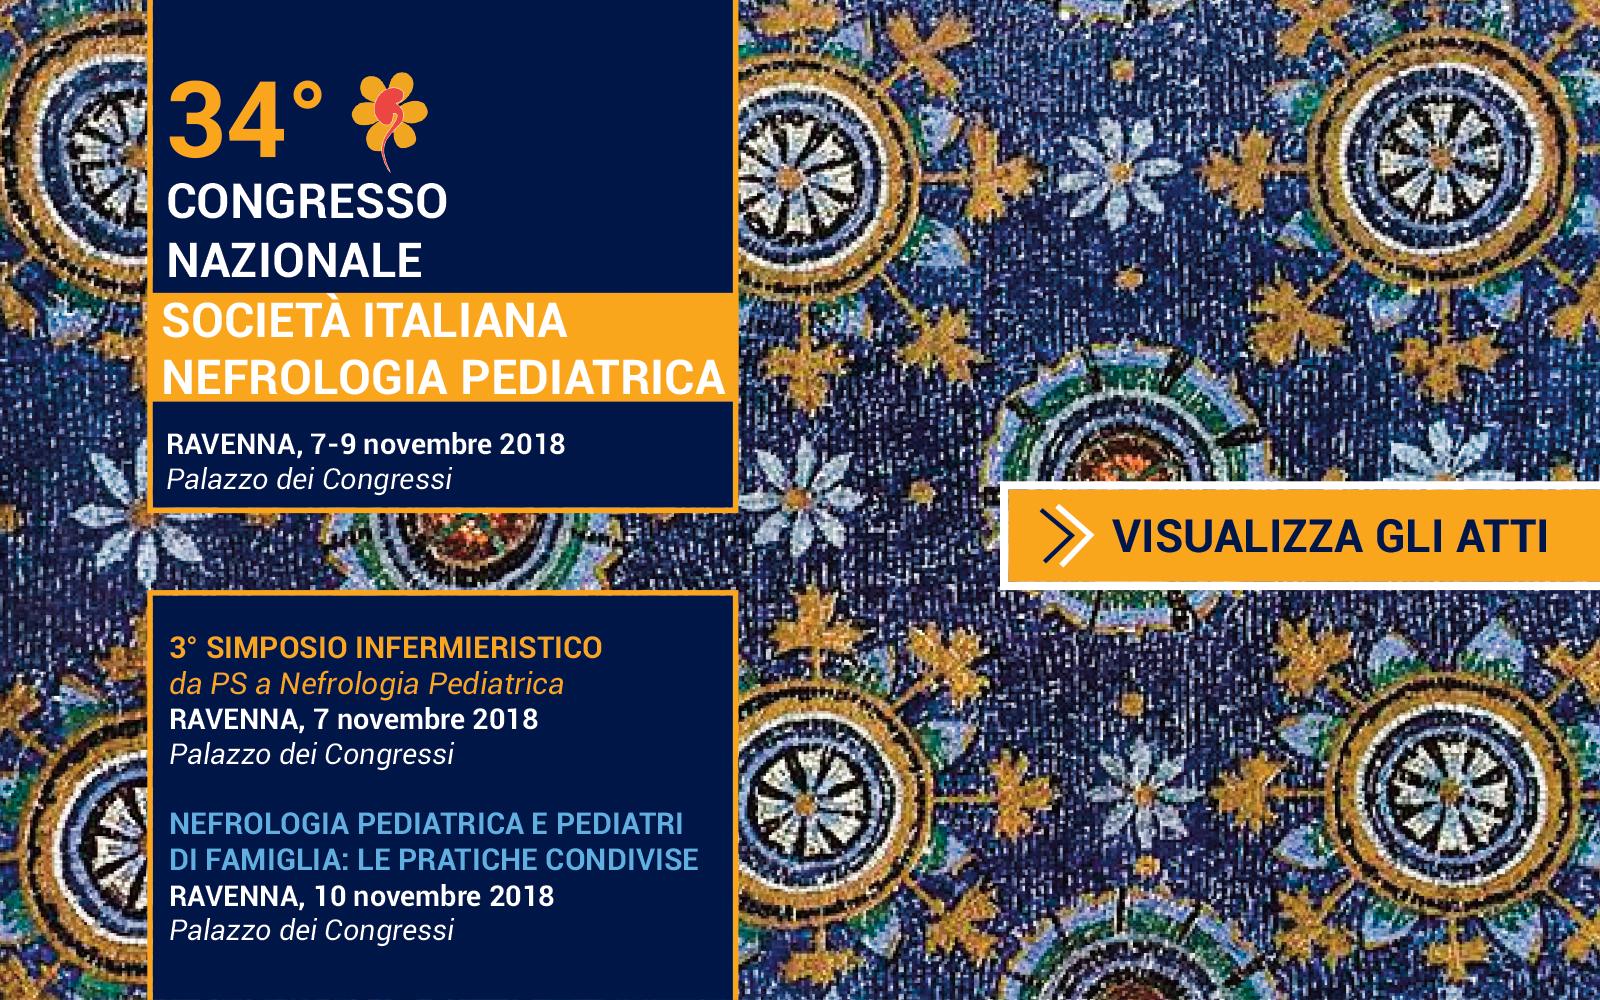 34° Congresso Nazionale Società Italiana di Nefrologia Pediatrica